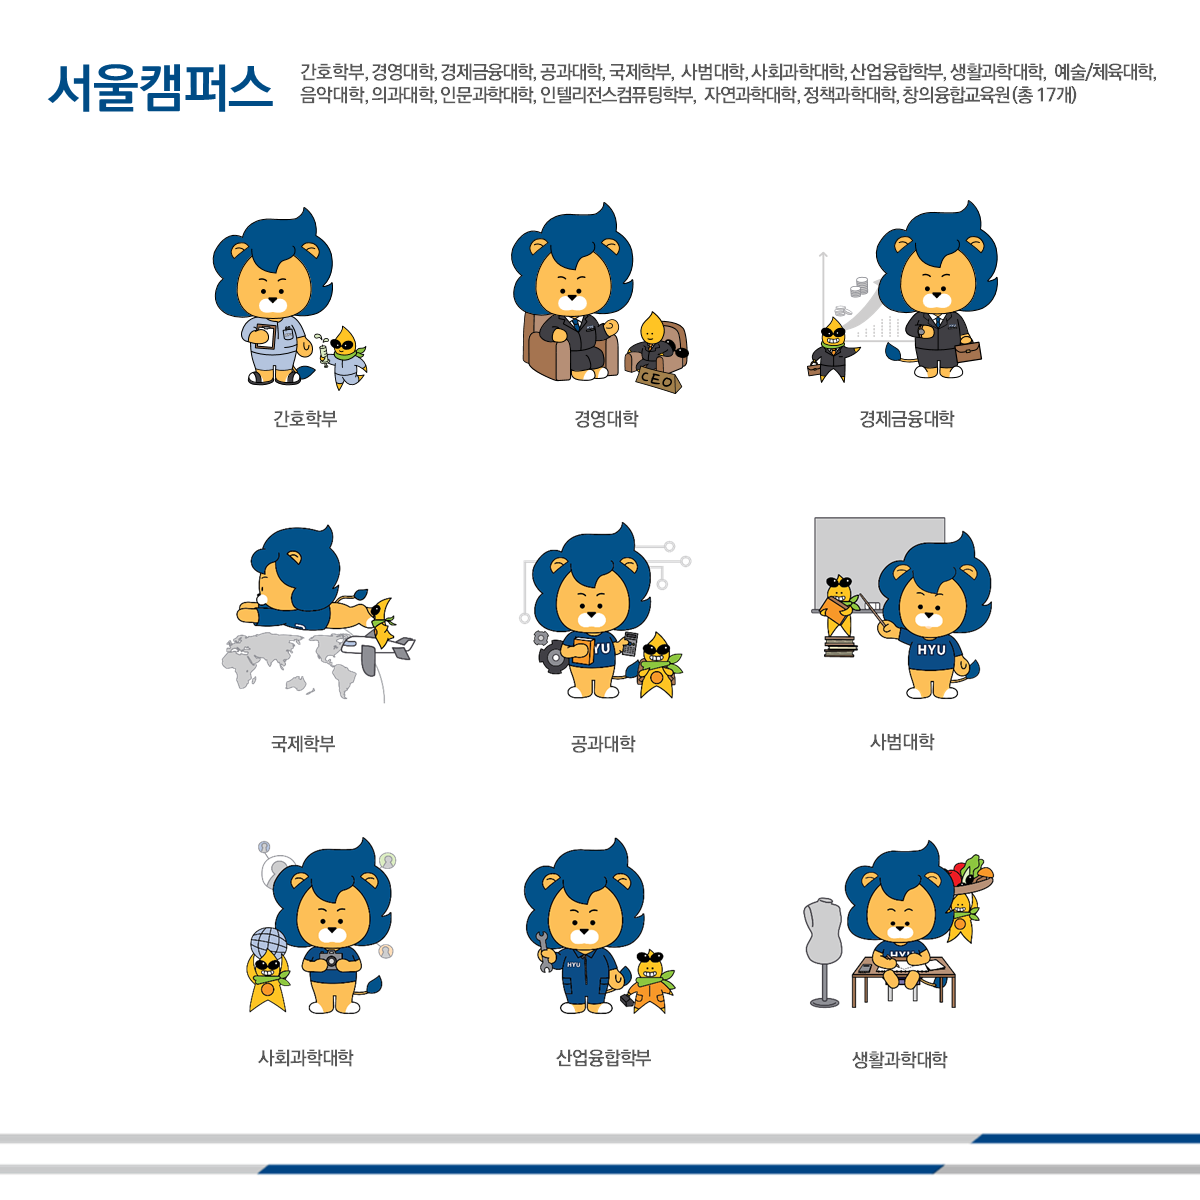 단과대학별 하이리온 캐릭터 26종 발표